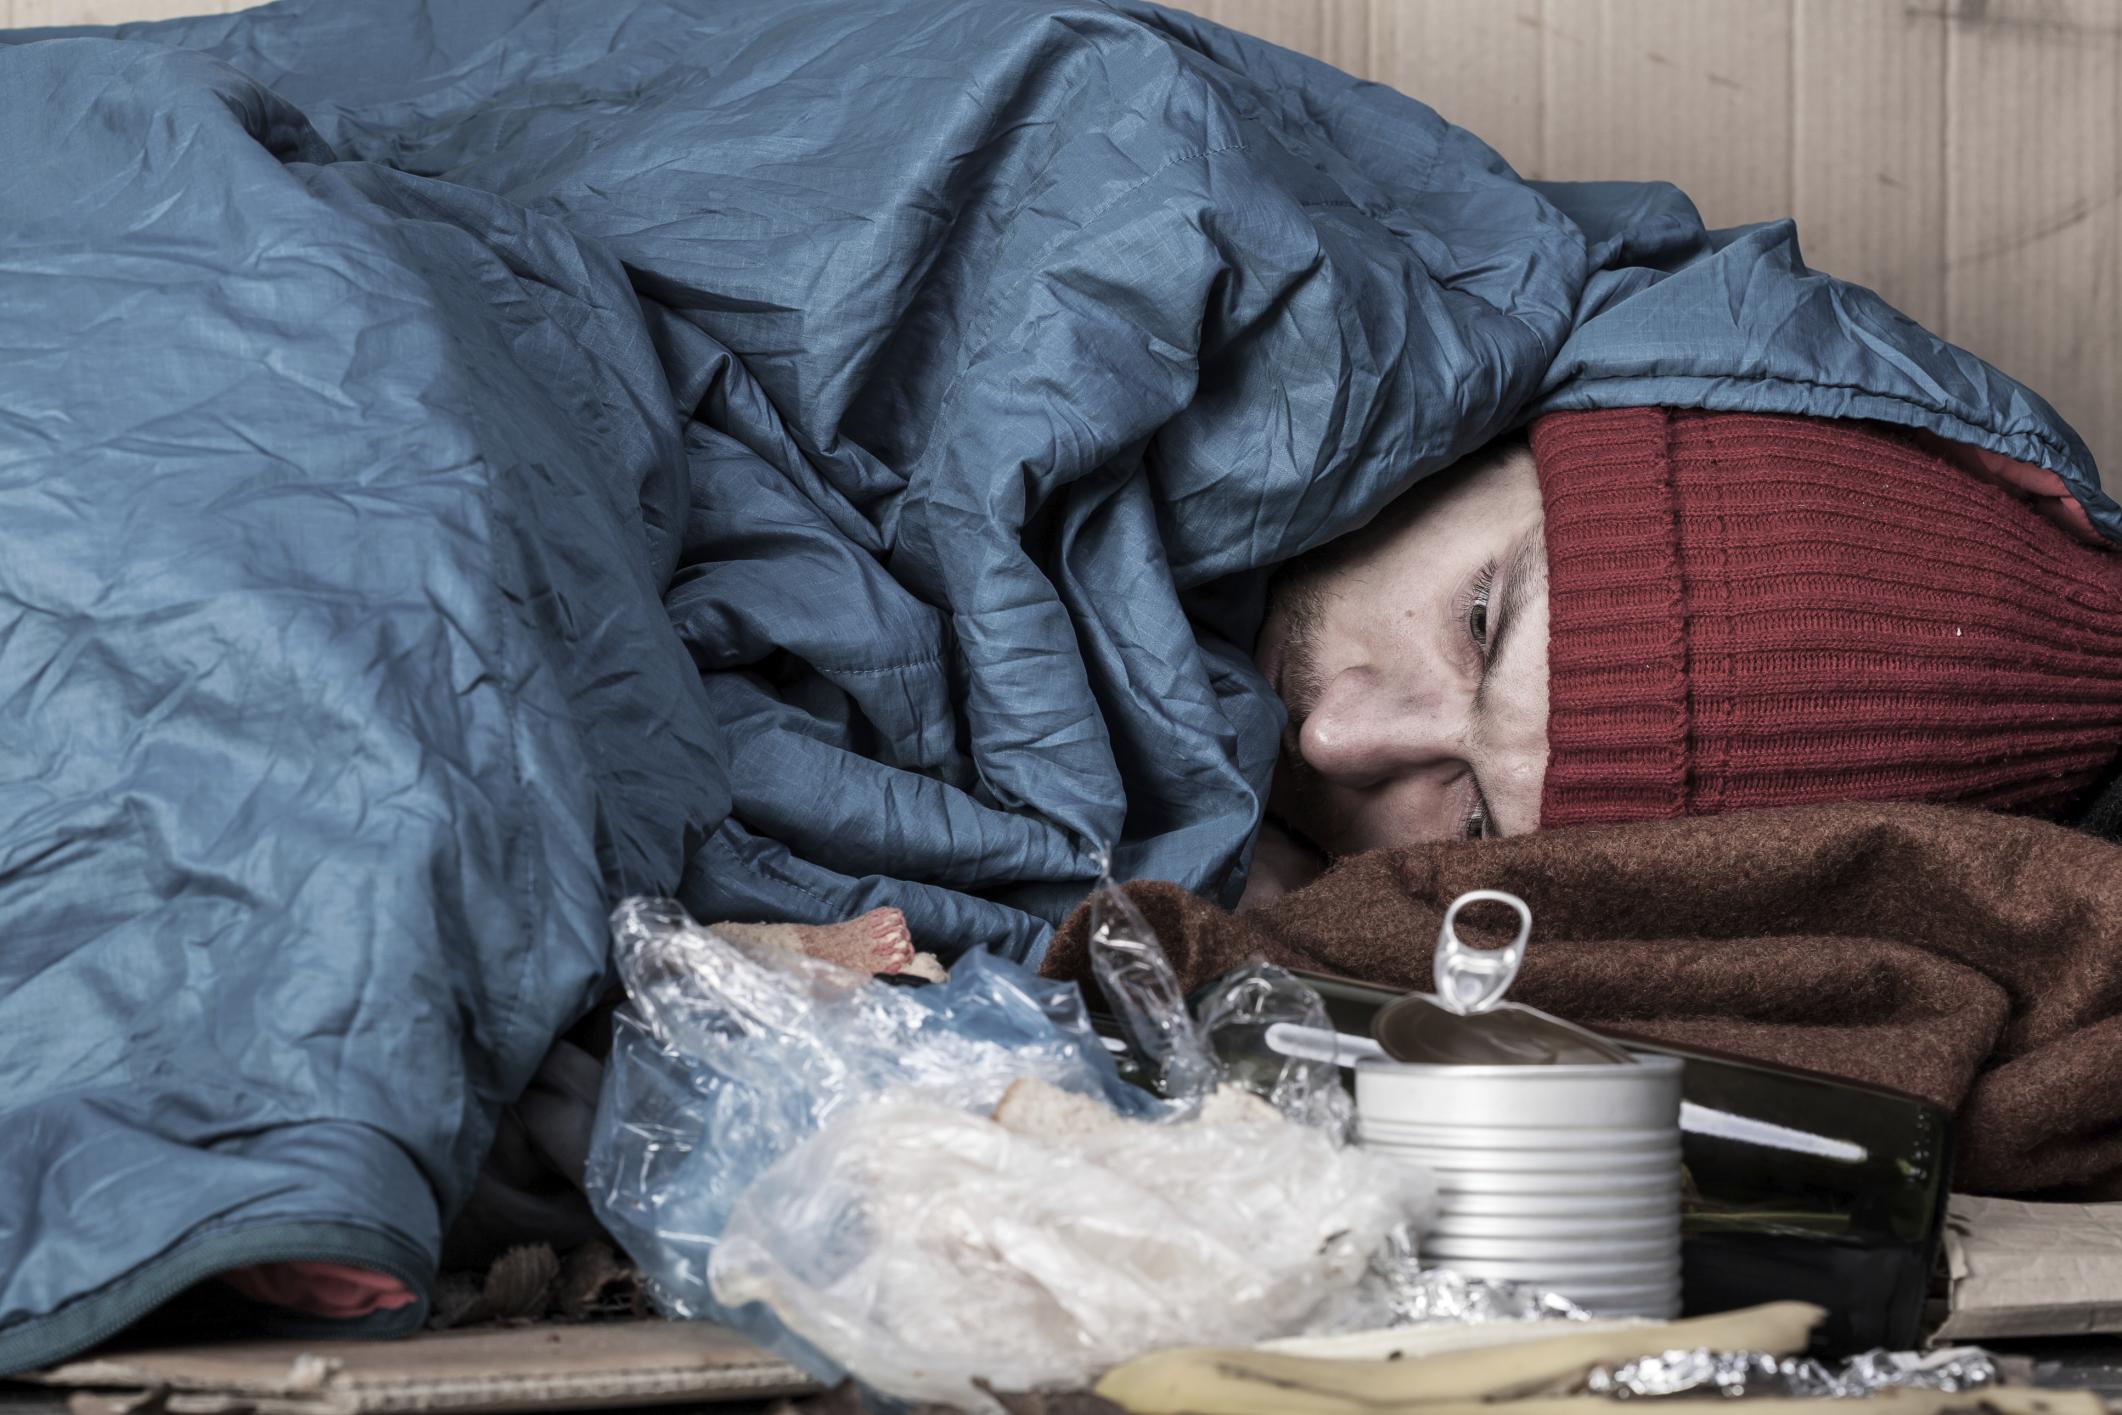 Pražský magistrát je na mráz připraven, nocleháren pro bezdomovce je prý dostatek